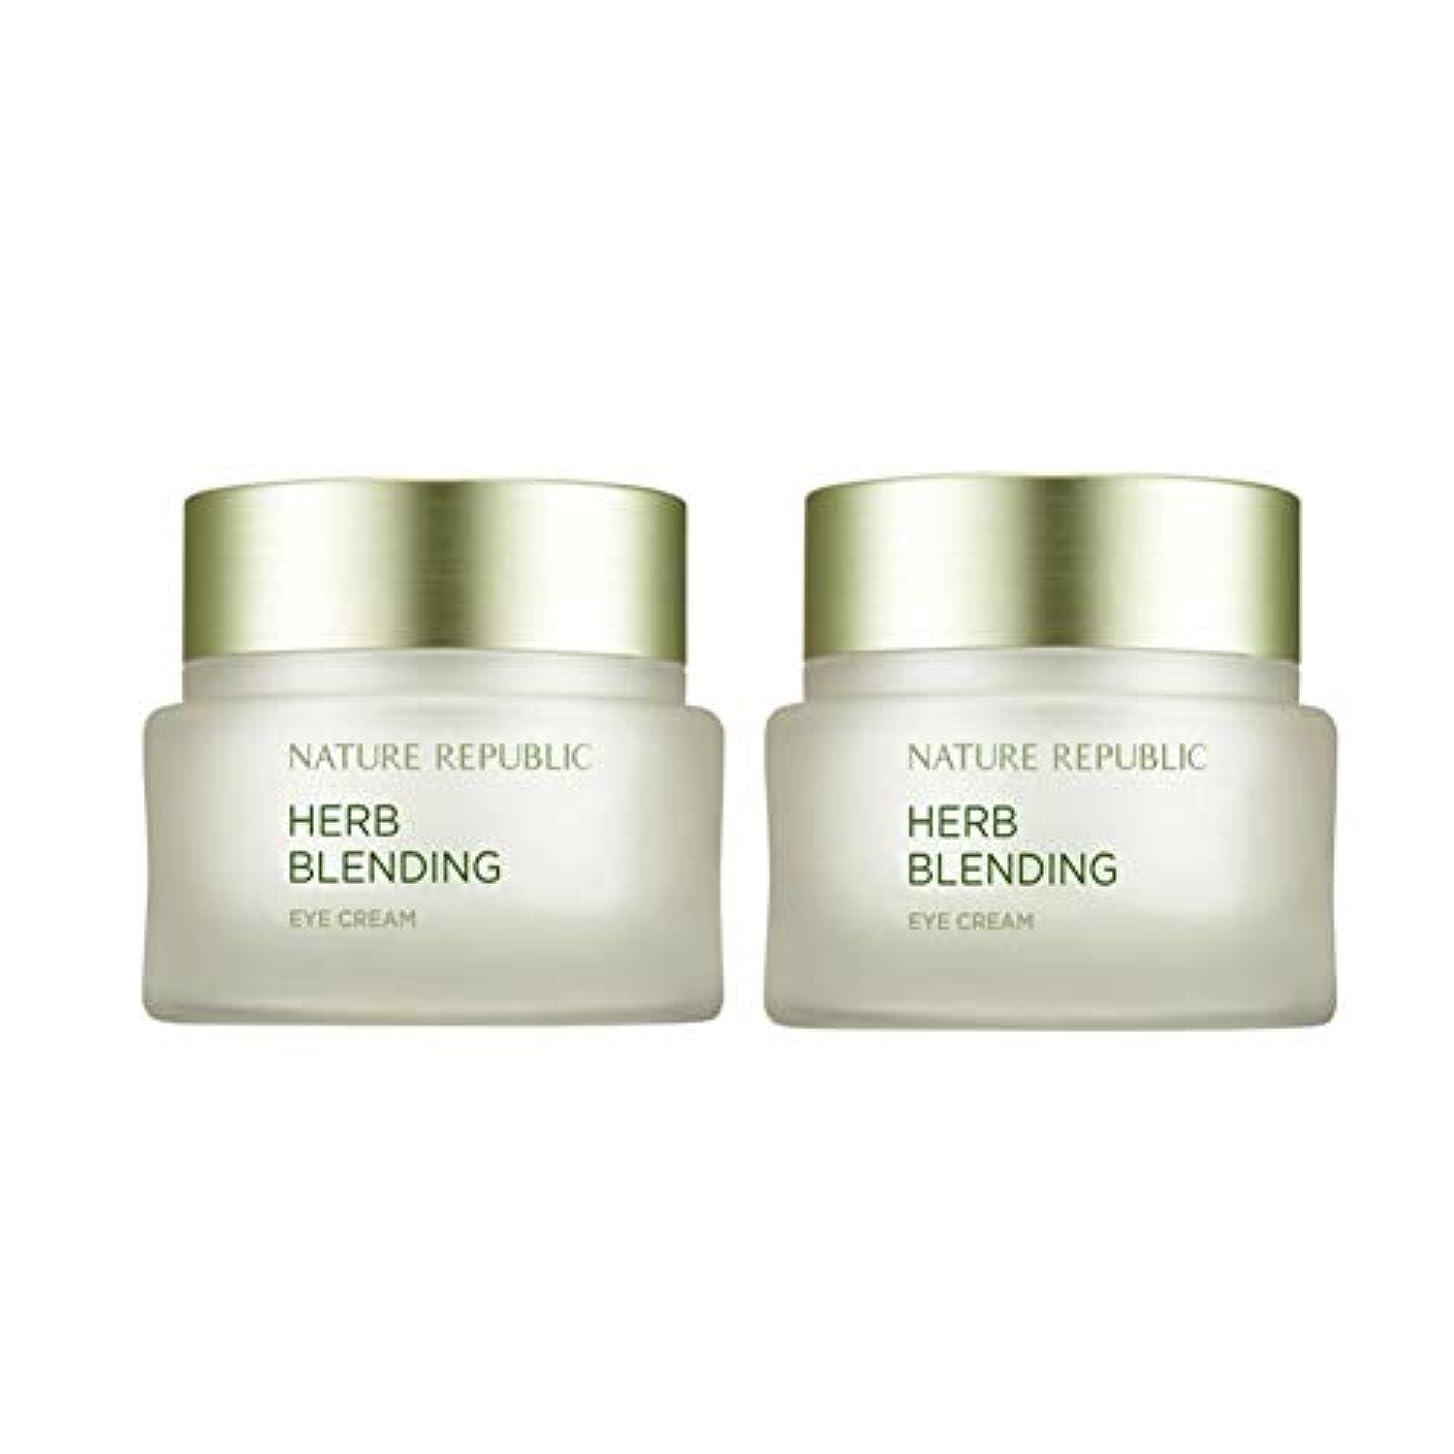 テロアクセスライオネルグリーンストリートネイチャーリパブリックハーブ?ブレンディングクリーム50mlx 2本セット韓国コスメ、Nature Republic Herb Blending Cream 50ml x 2ea Set Korean Cosmetics...